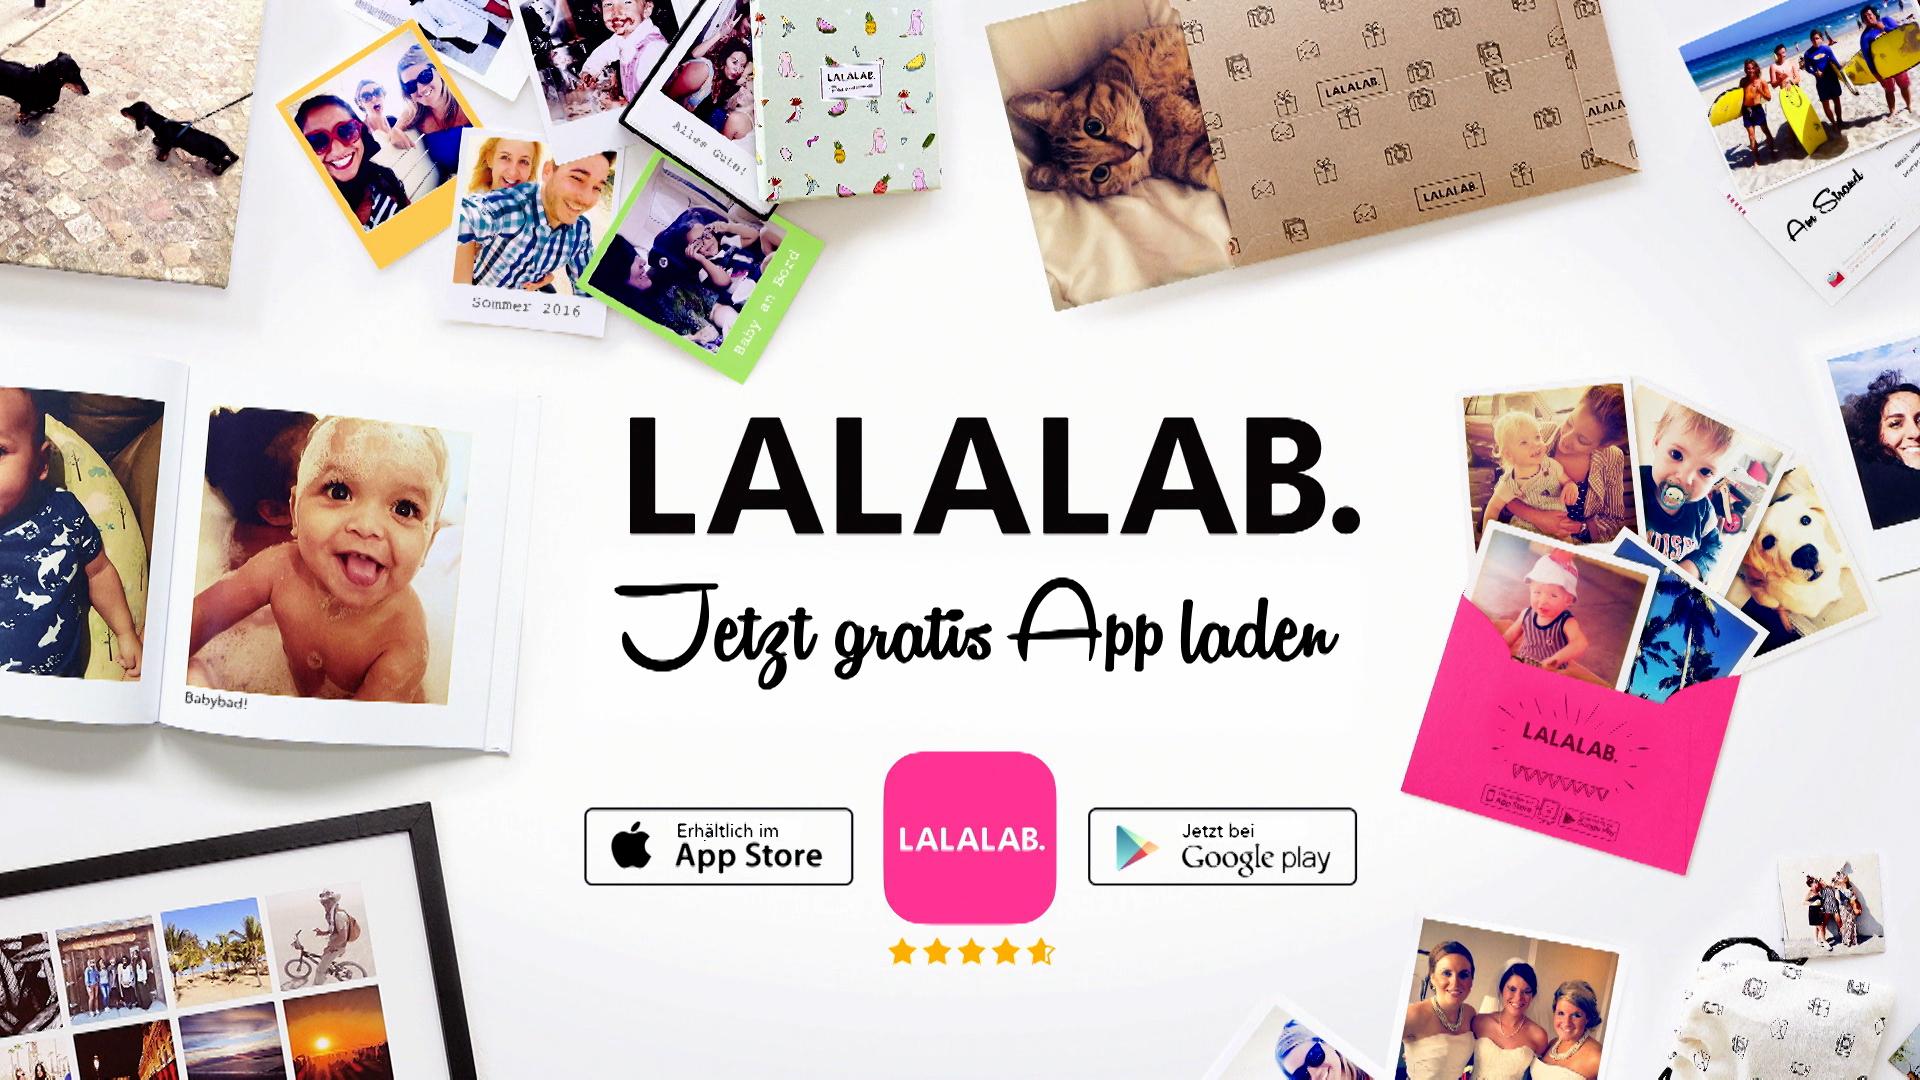 LaLaLab Werbespot